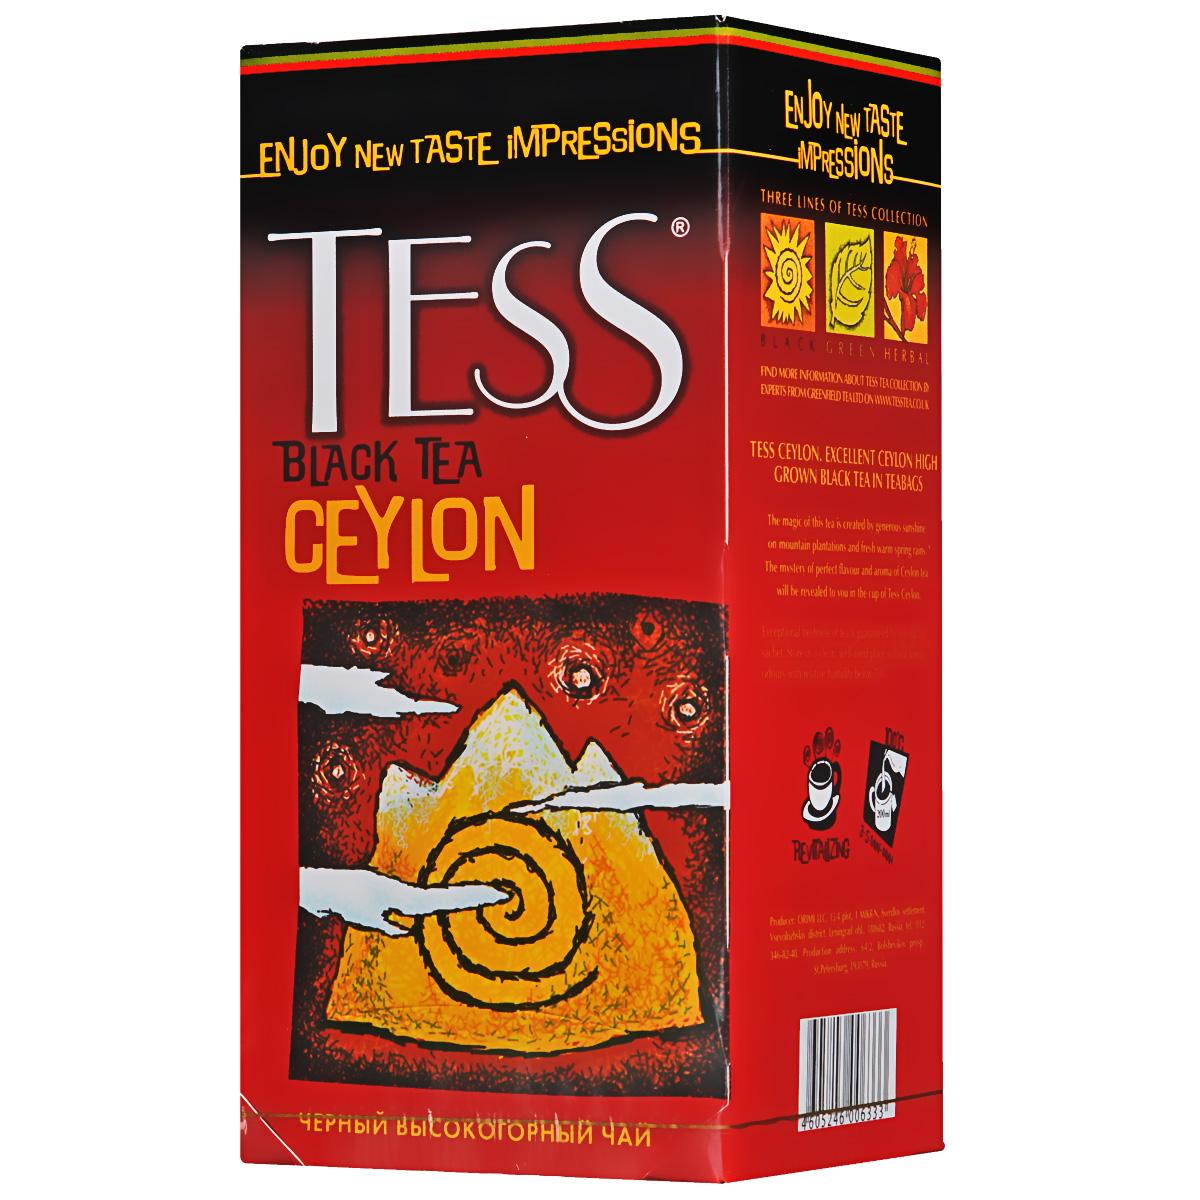 Tess Ceylon черный чай в пакетиках, 25 шт0120710Черный цейлонский чай в пакетиках Tess Ceylon, выращенный на высокогорных плантациях, отличается насыщенным, ярким вкусом и тонким природным ароматом, свойственным высокогорным чаям. Отличительная особенность высокогорных чаев в том, что они обладают более светлым настоем, чем собранные на равнине, хотя по крепости порой даже превосходят их.